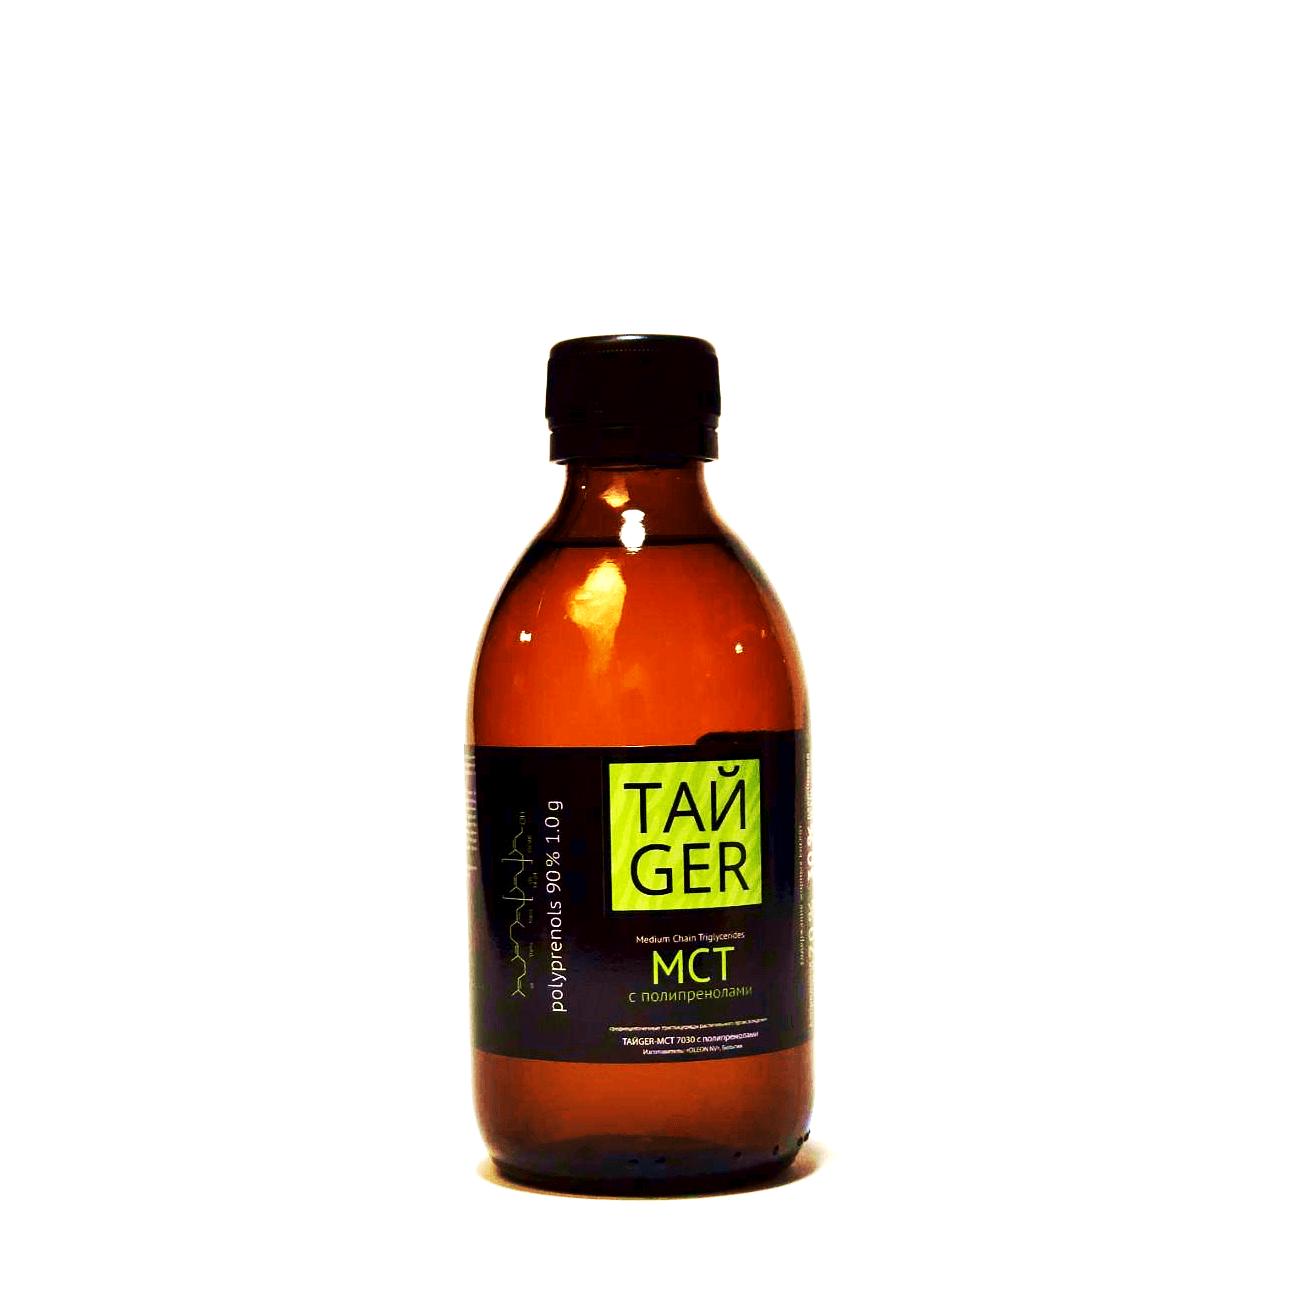 ТАЙGER MCT масло с полипренолами, 90%, 1 г, 250 мл